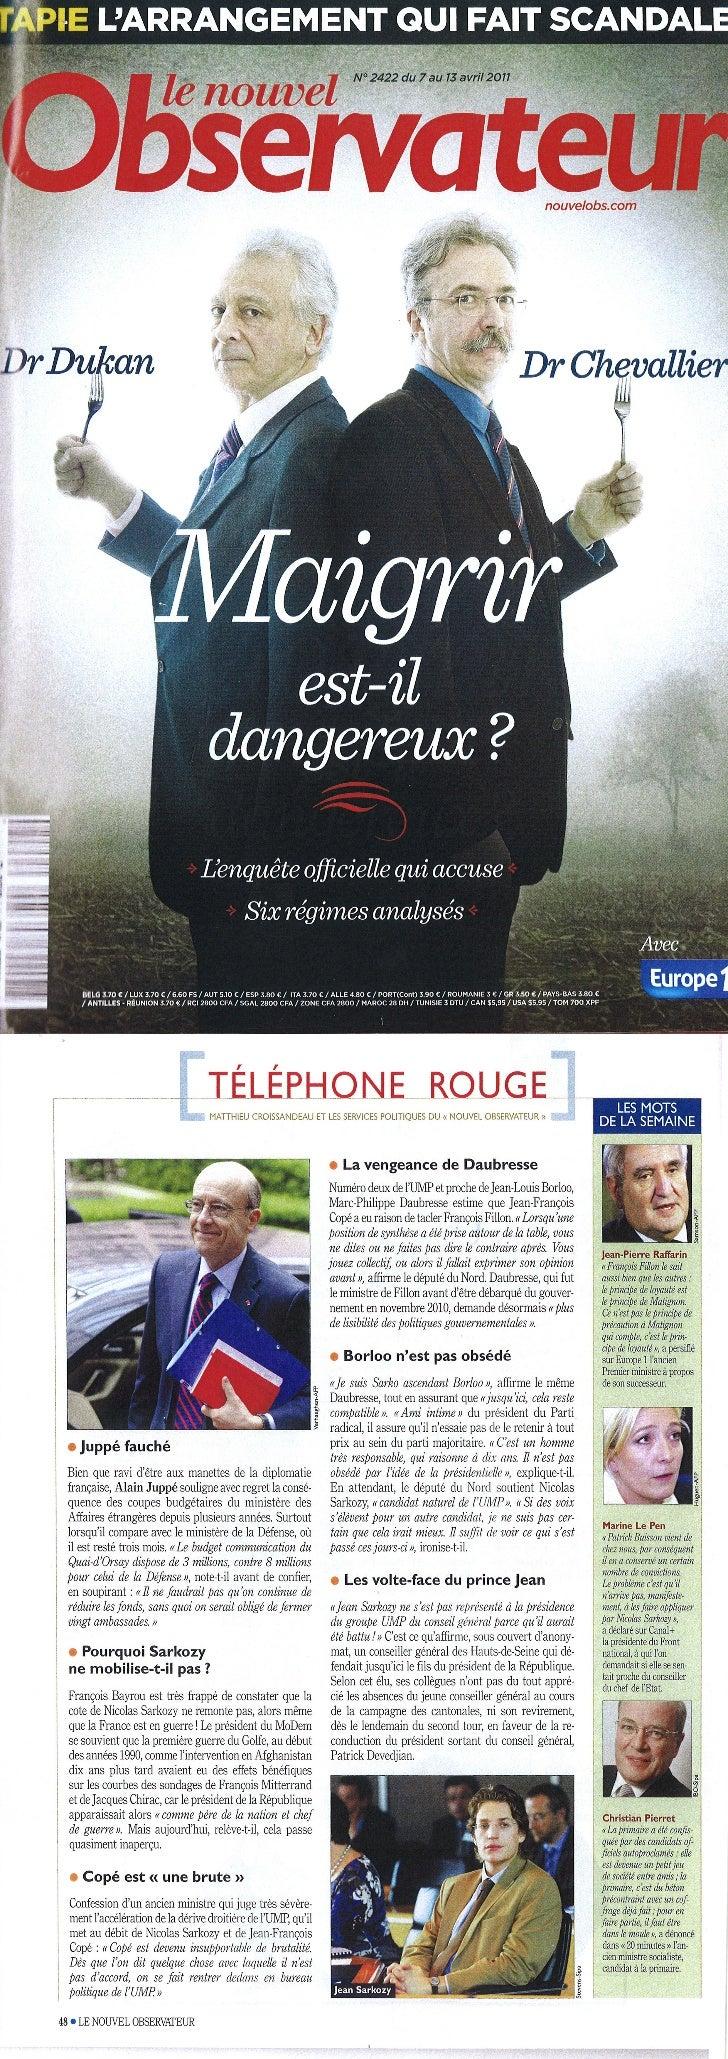 Christian pierret dans le téléphone rouge - nouvel obs - 7 avril 2011